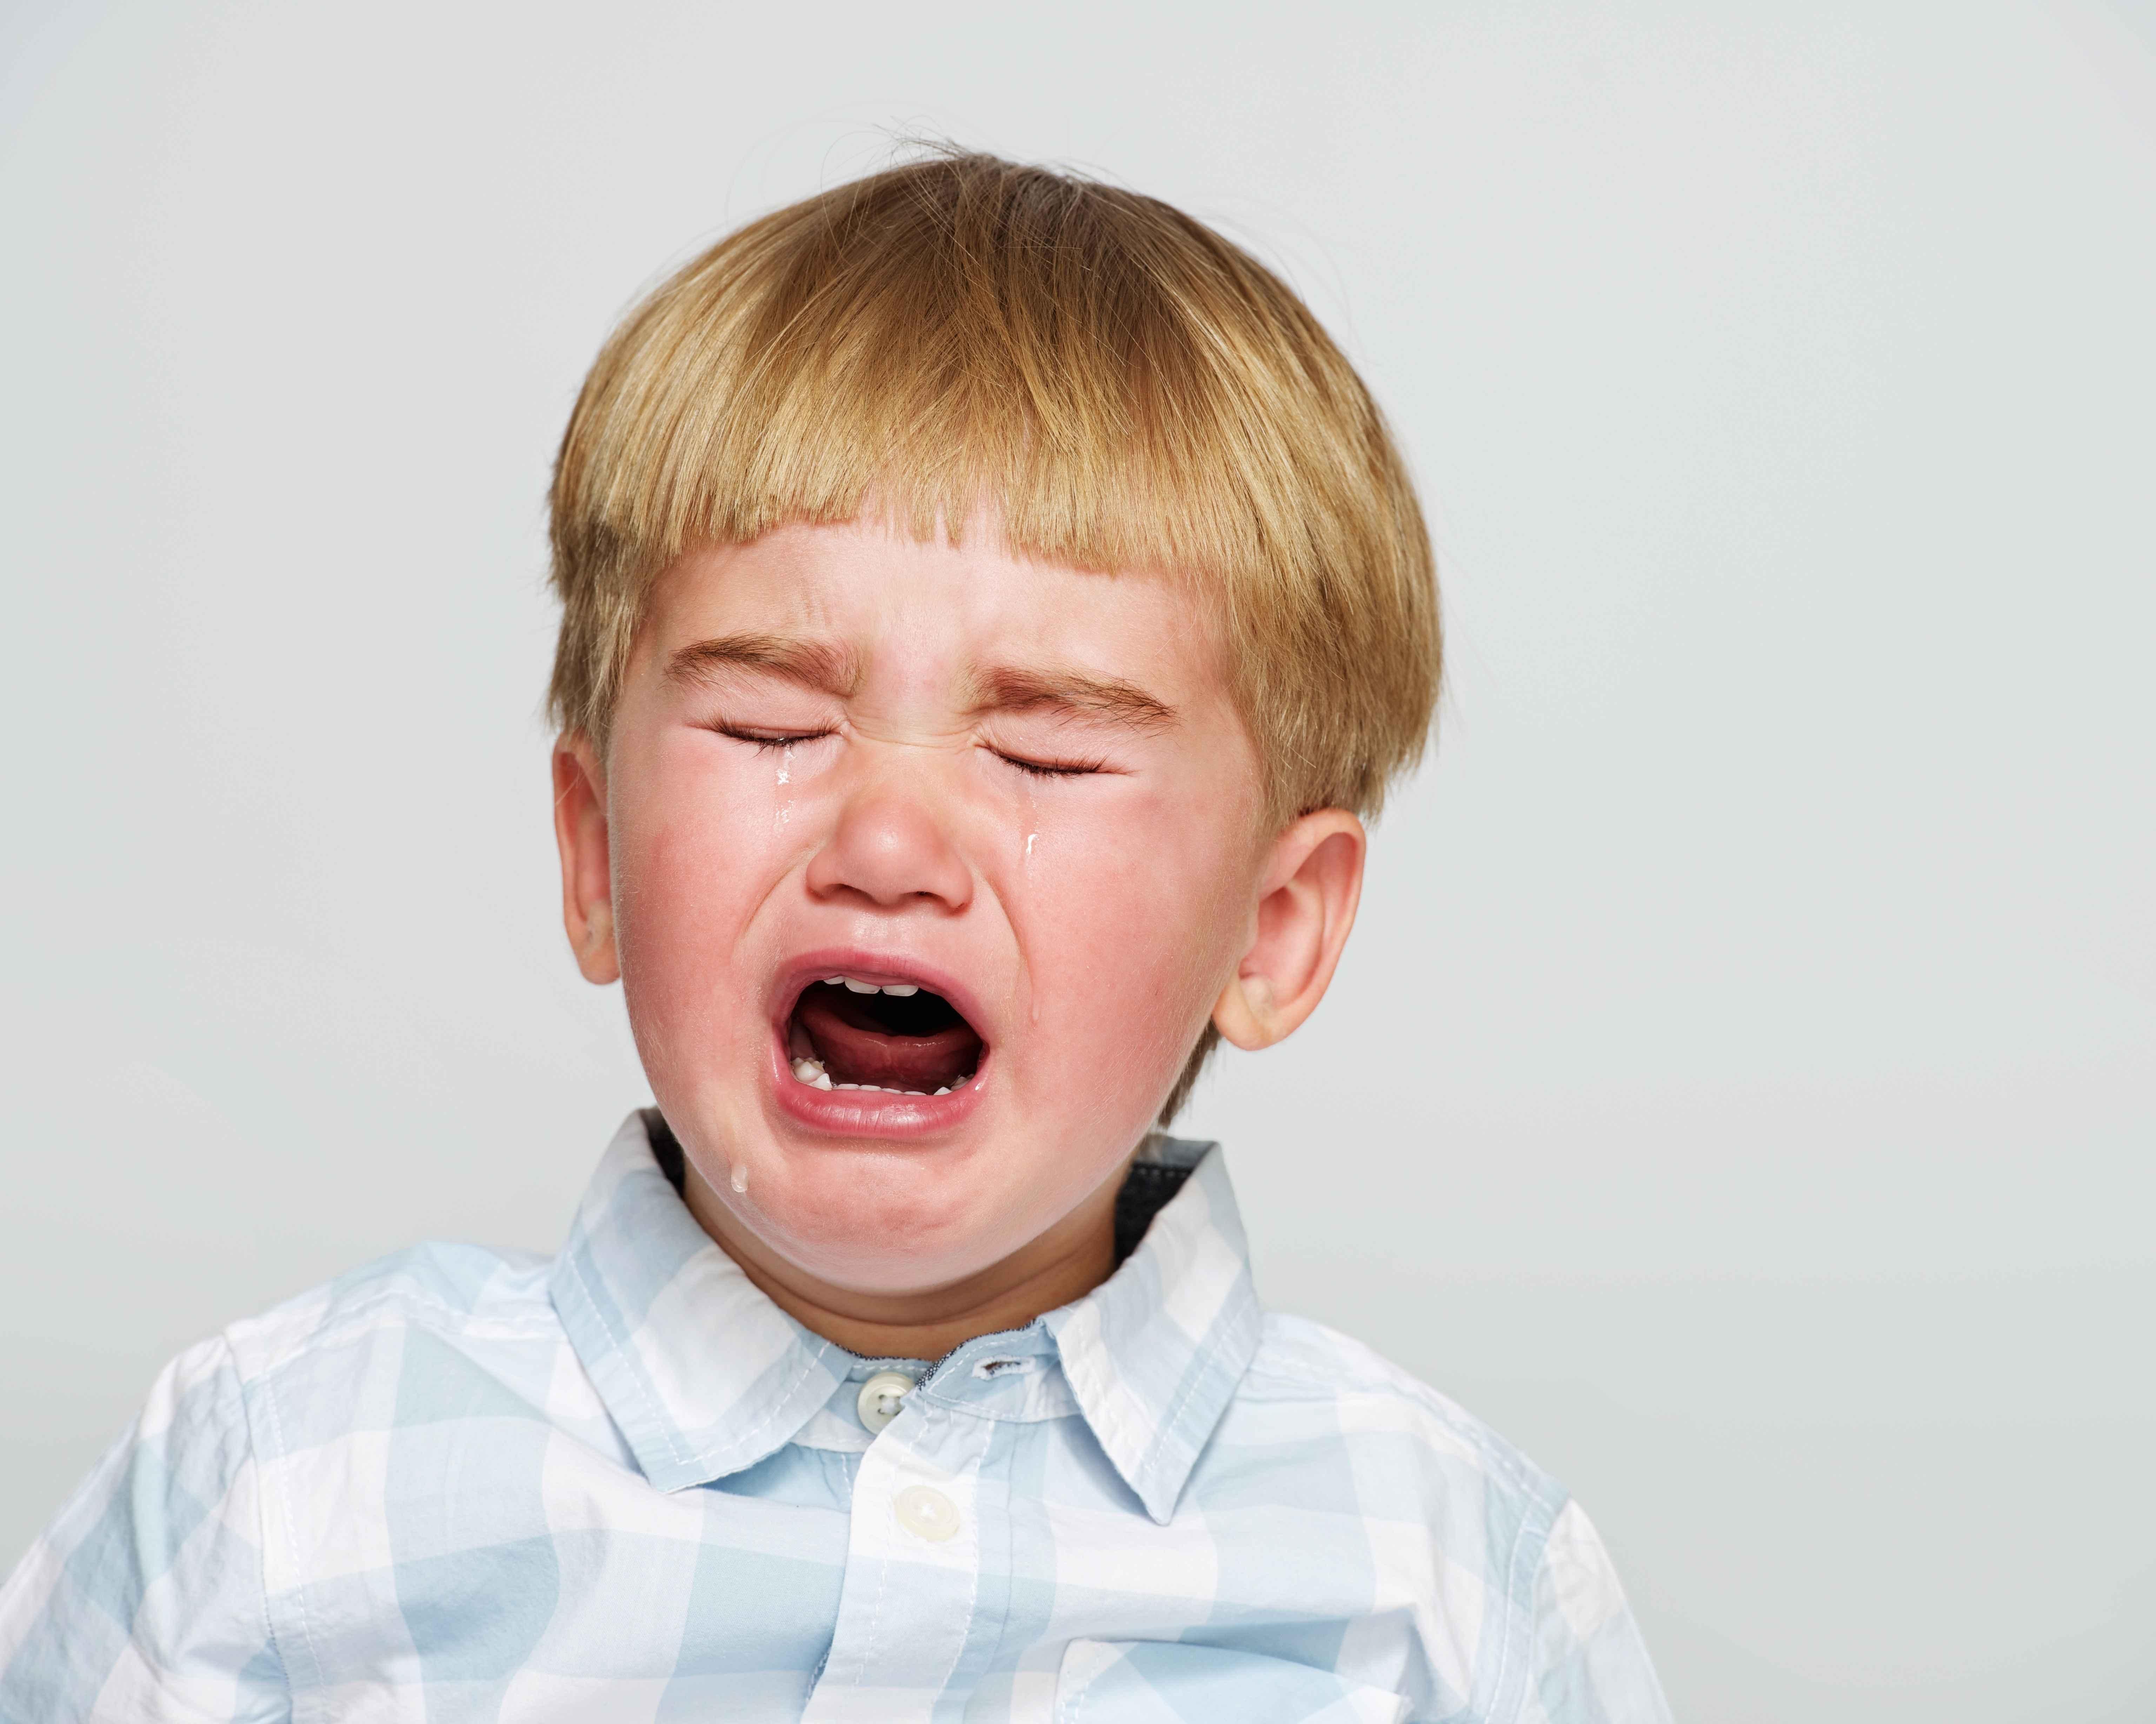 耳前瘘管不能乱挤:为什么宝宝耳朵旁边有个小洞?